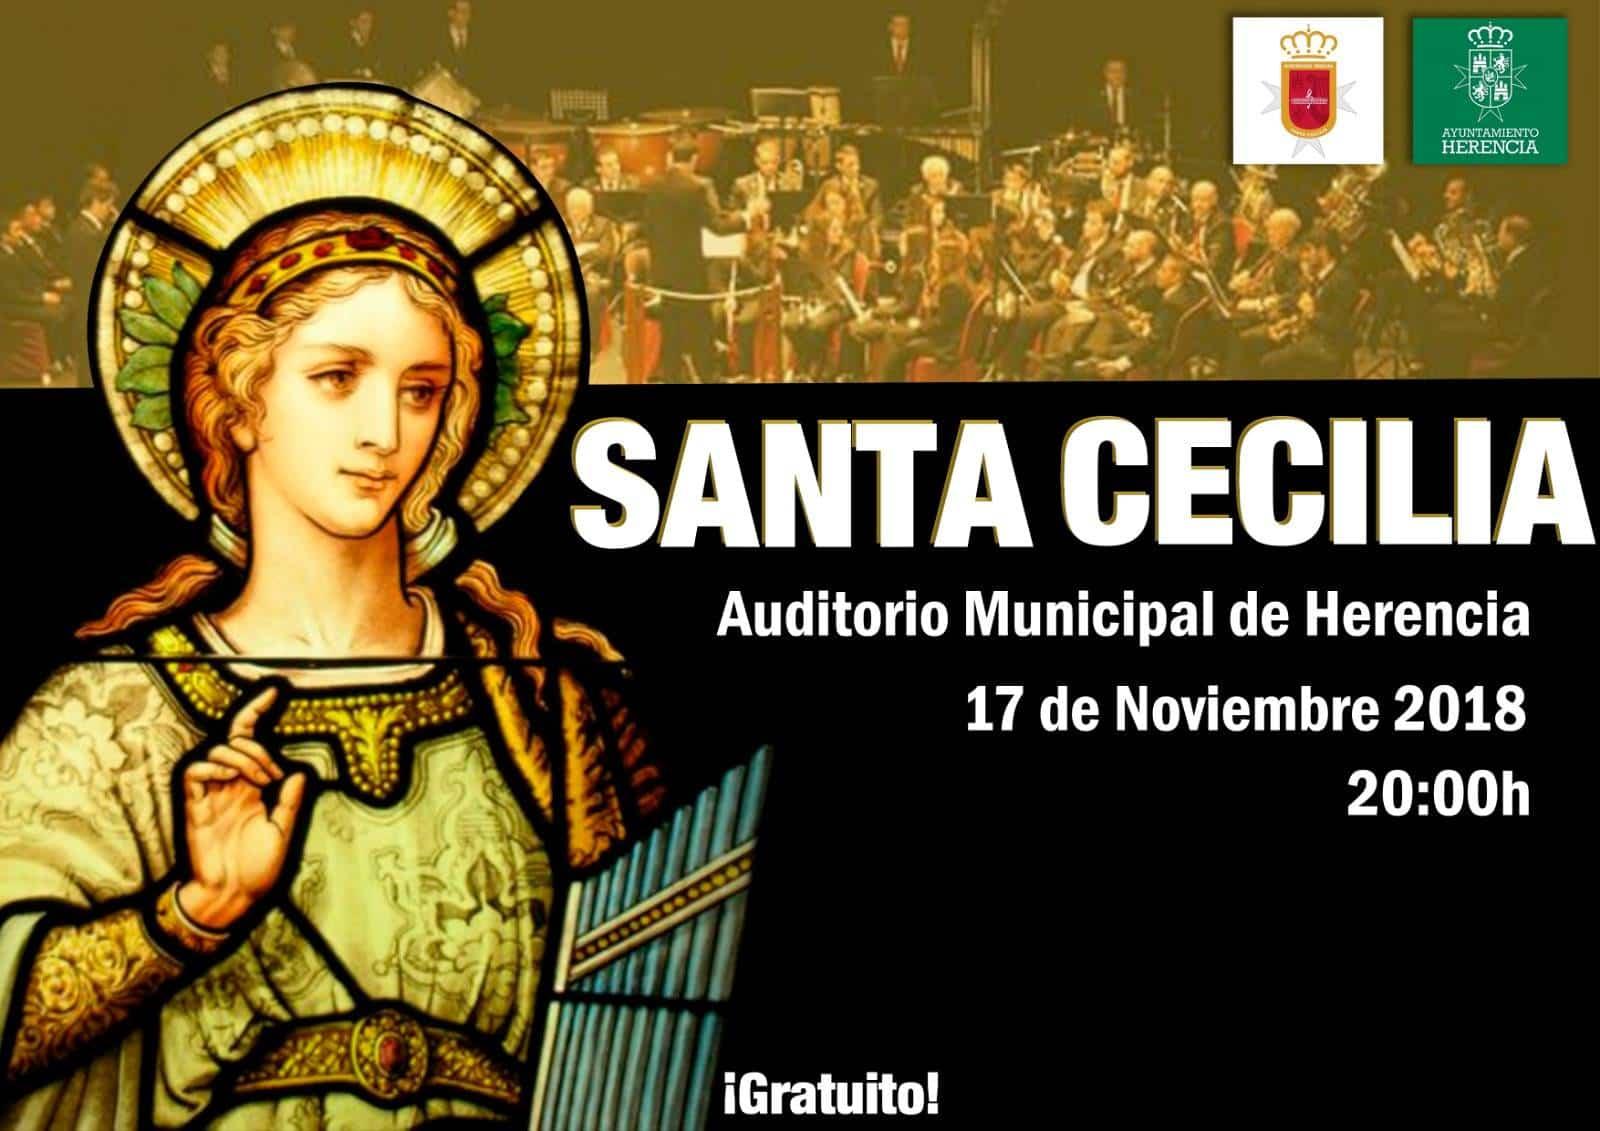 Concierto de Santa Cecilia en Herencia - Concierto y actos en honor a Santa Cecilia